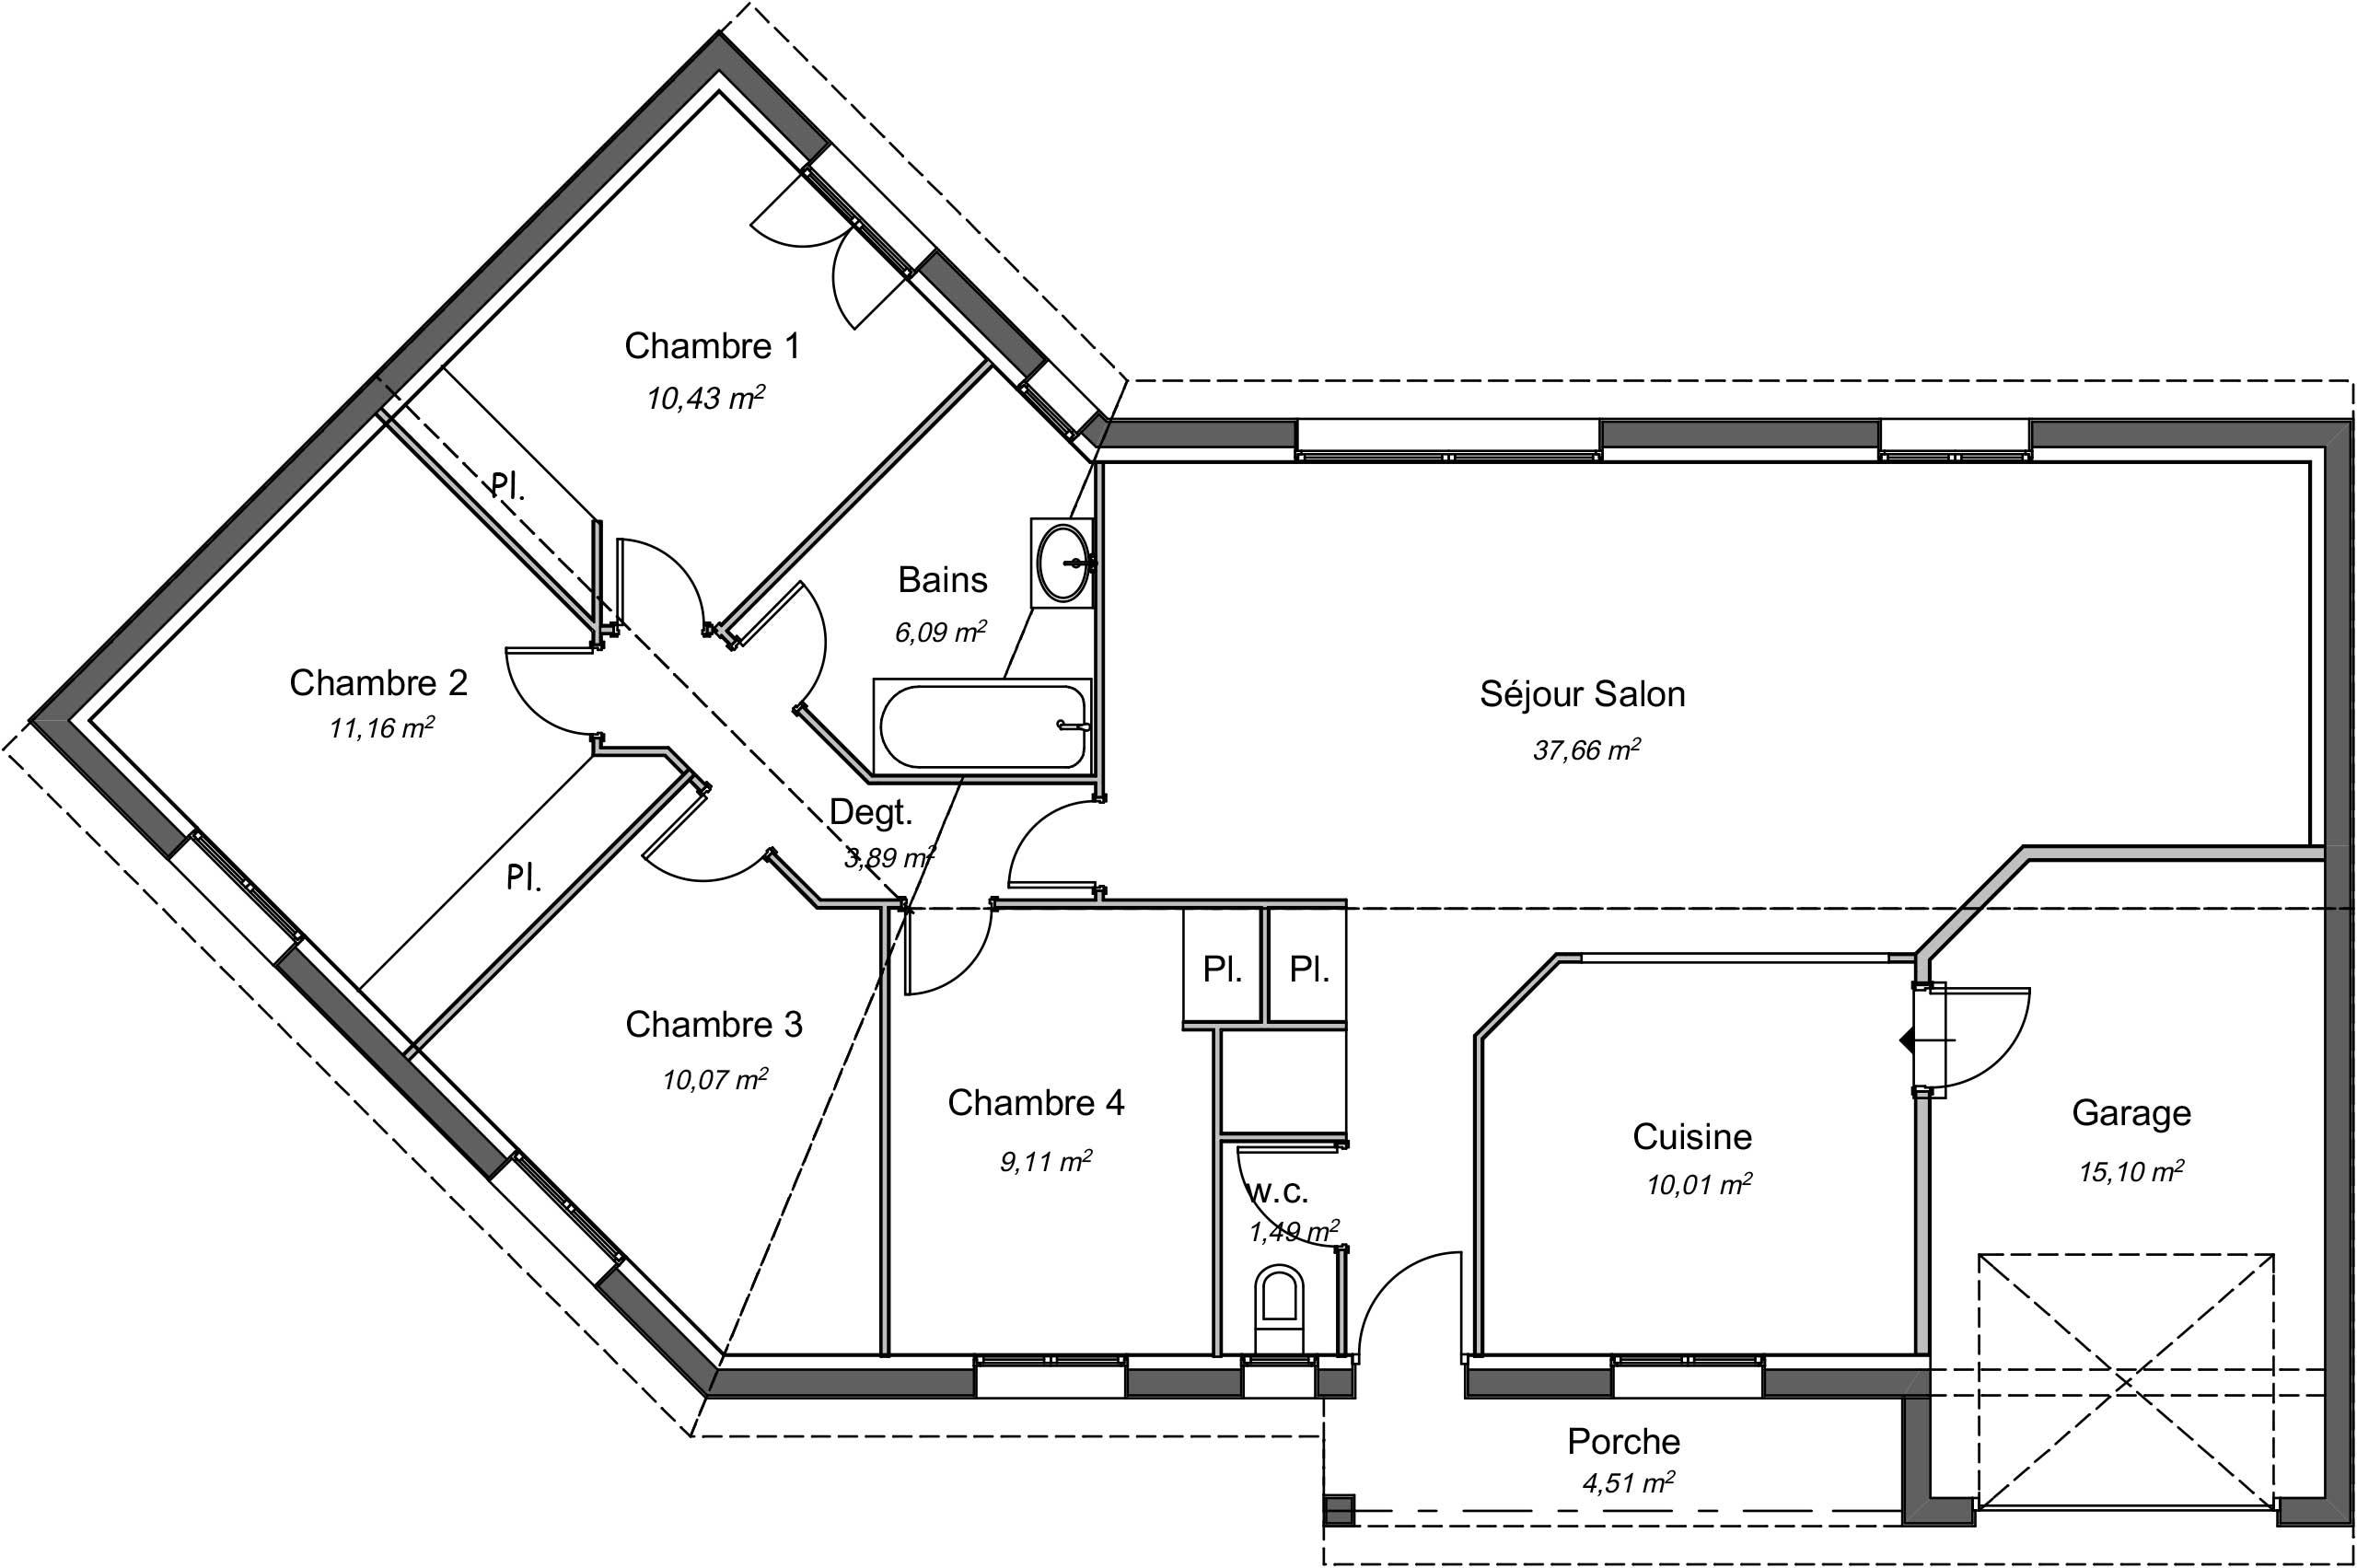 Maison Contemporaine Plain Pied Ebene Avec Plans Demeures D Occitanie Constructeur Maison Individuelle Occitanie Region Sud